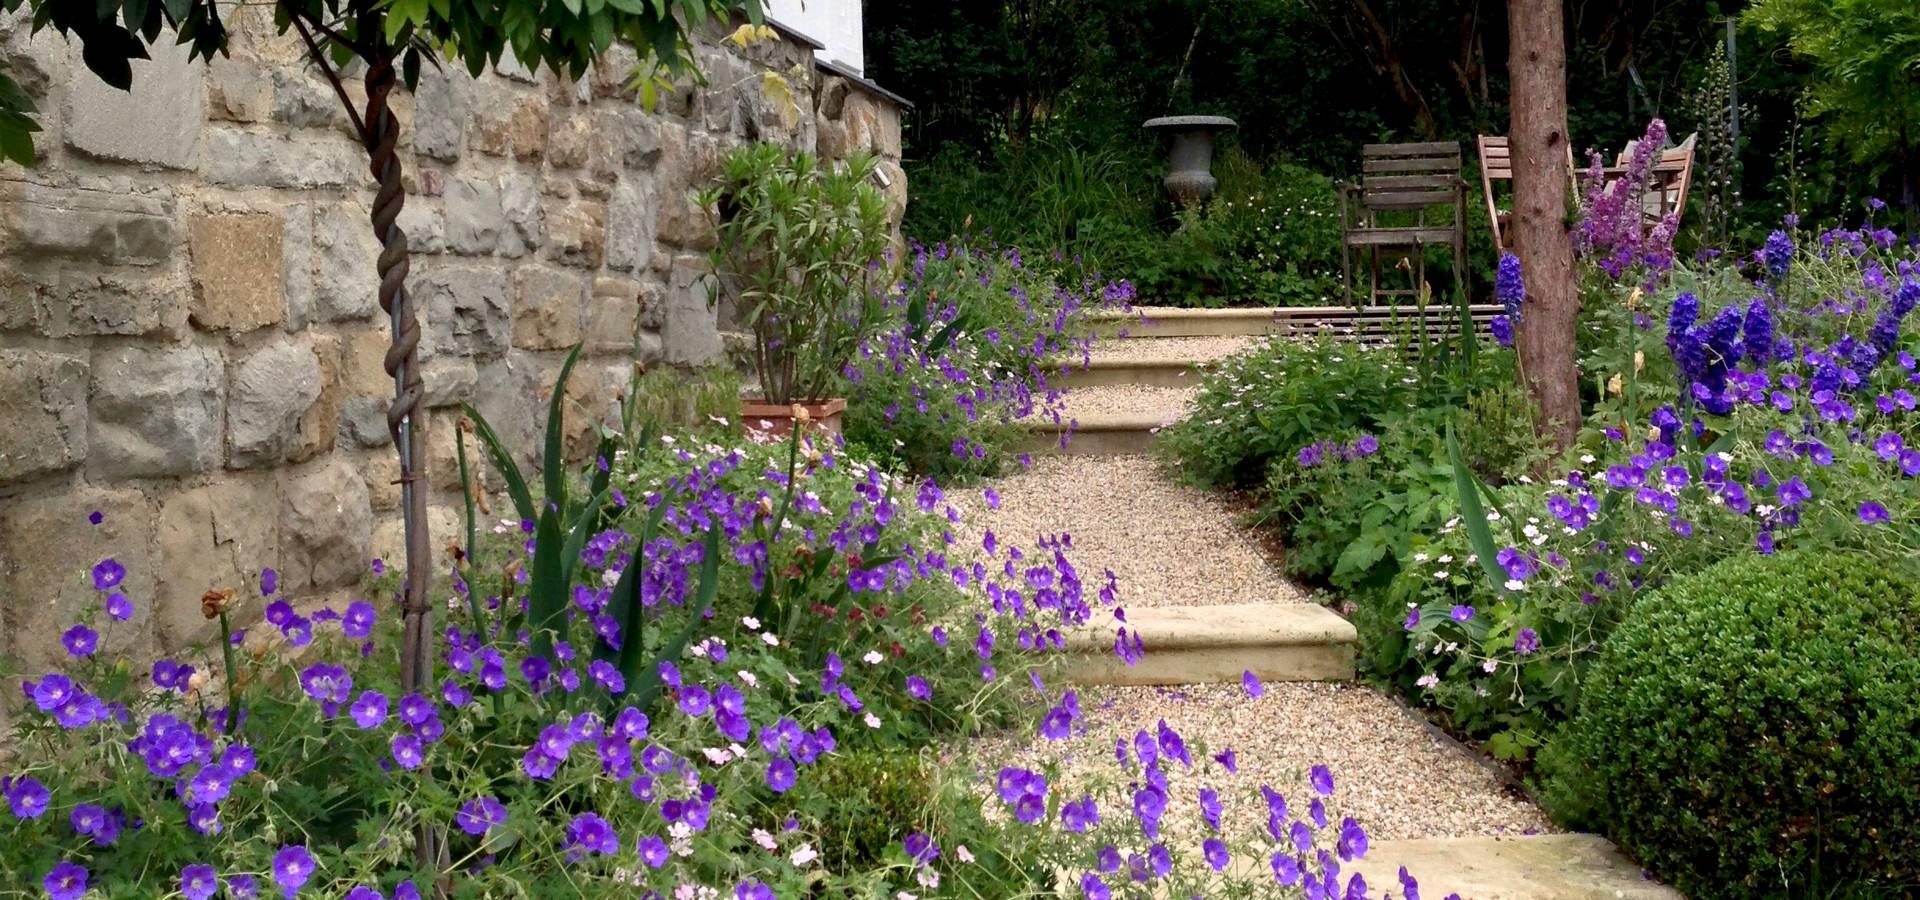 purpurgrün landschaftsarchitektur.gartenarchitektur